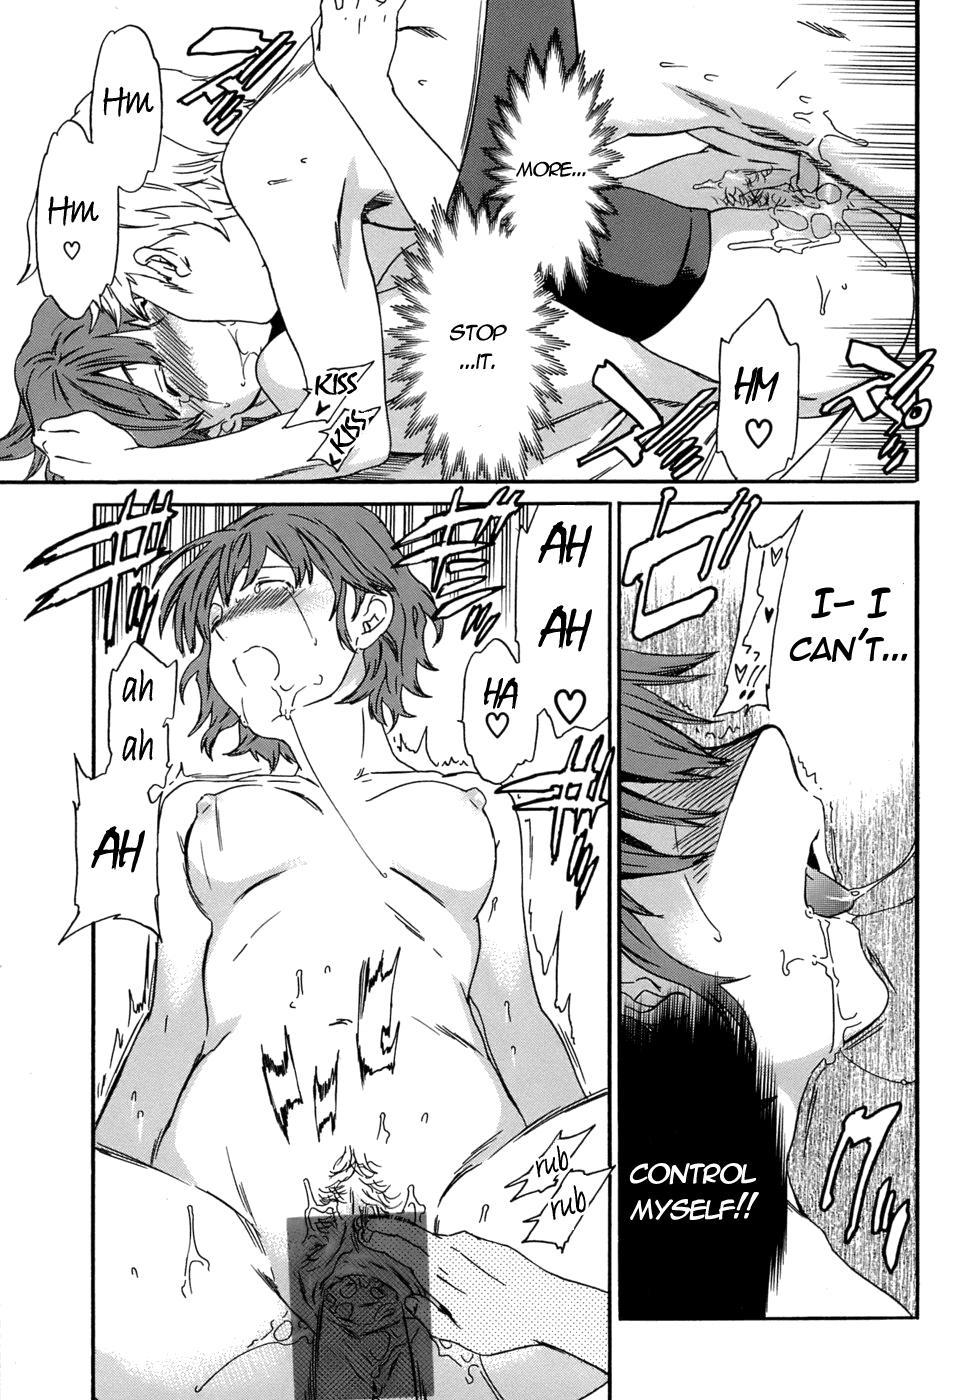 [Cuvie] Karada No Koi - Love of Body Ch. 1-4 [English] 66